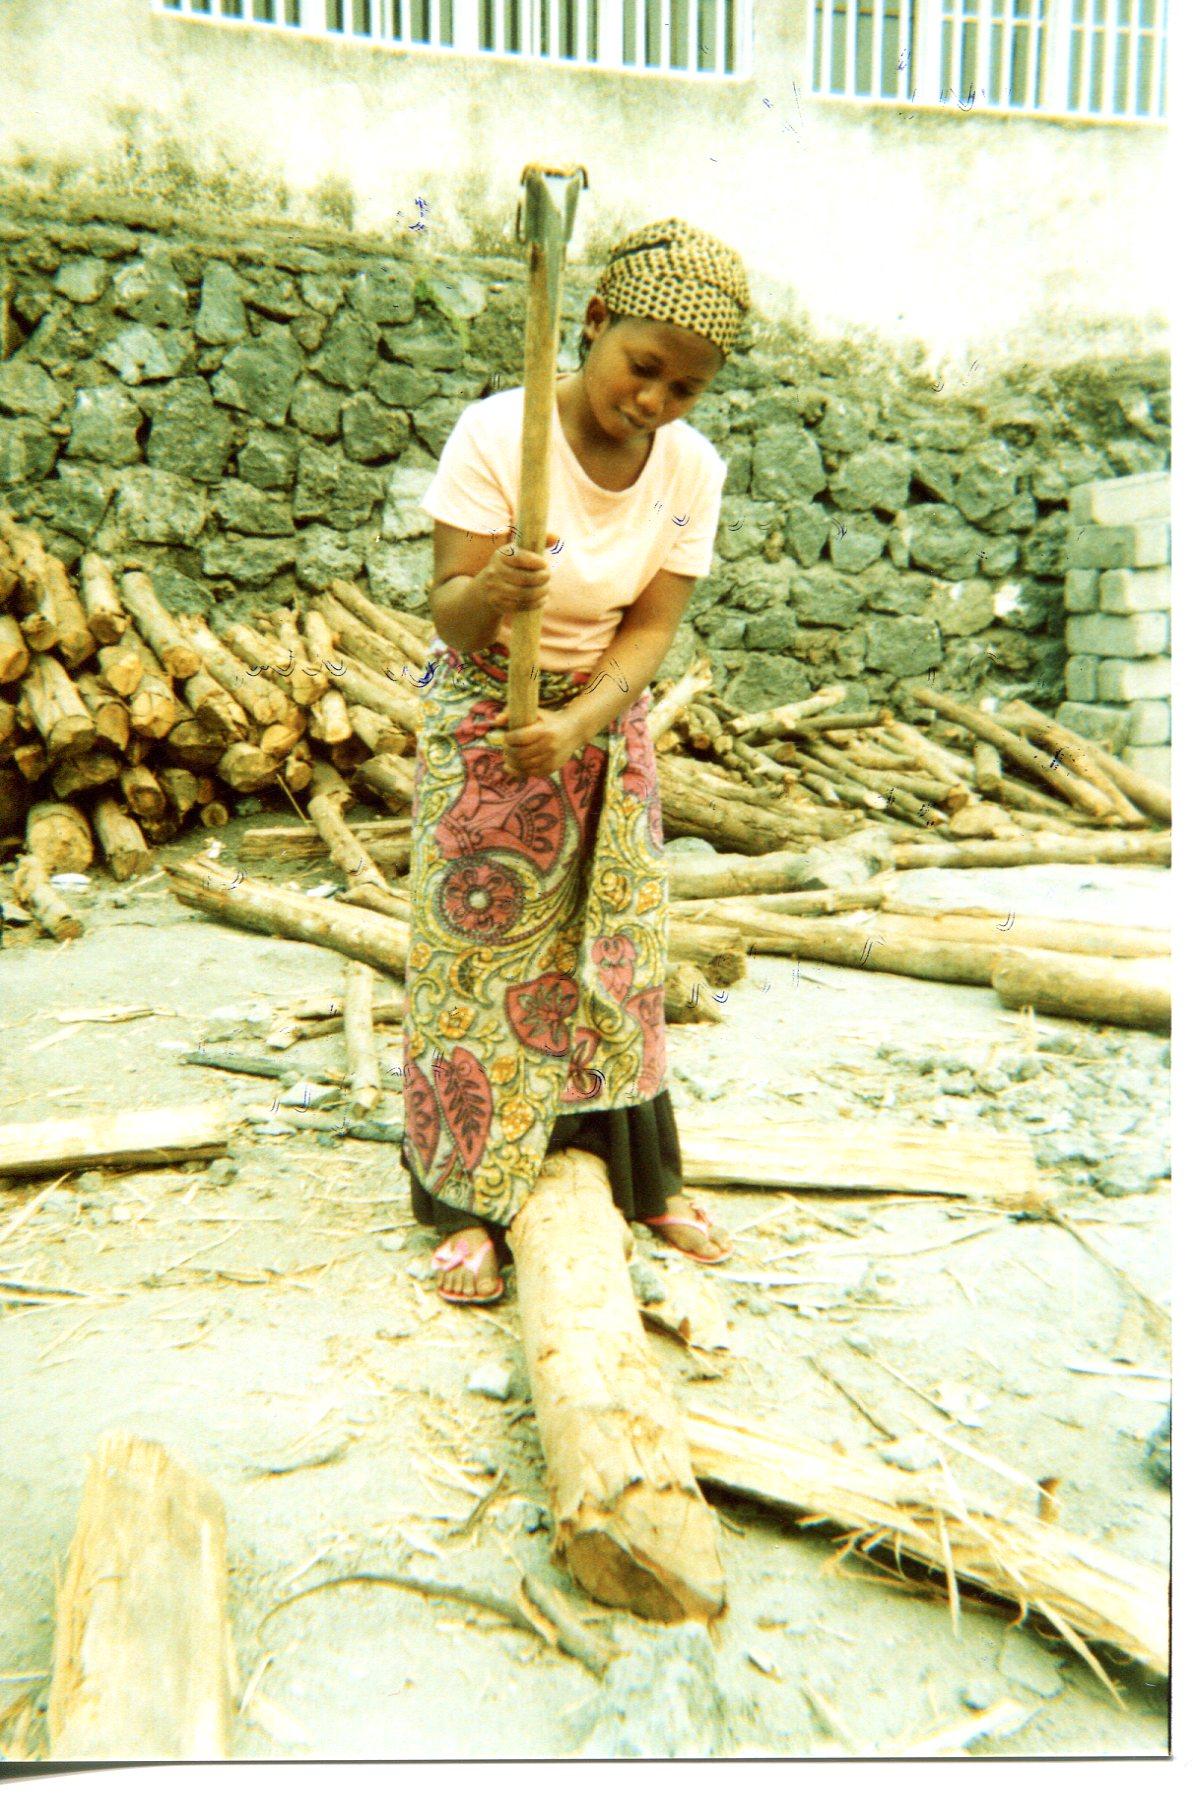 Under punishment still have to make firewood.